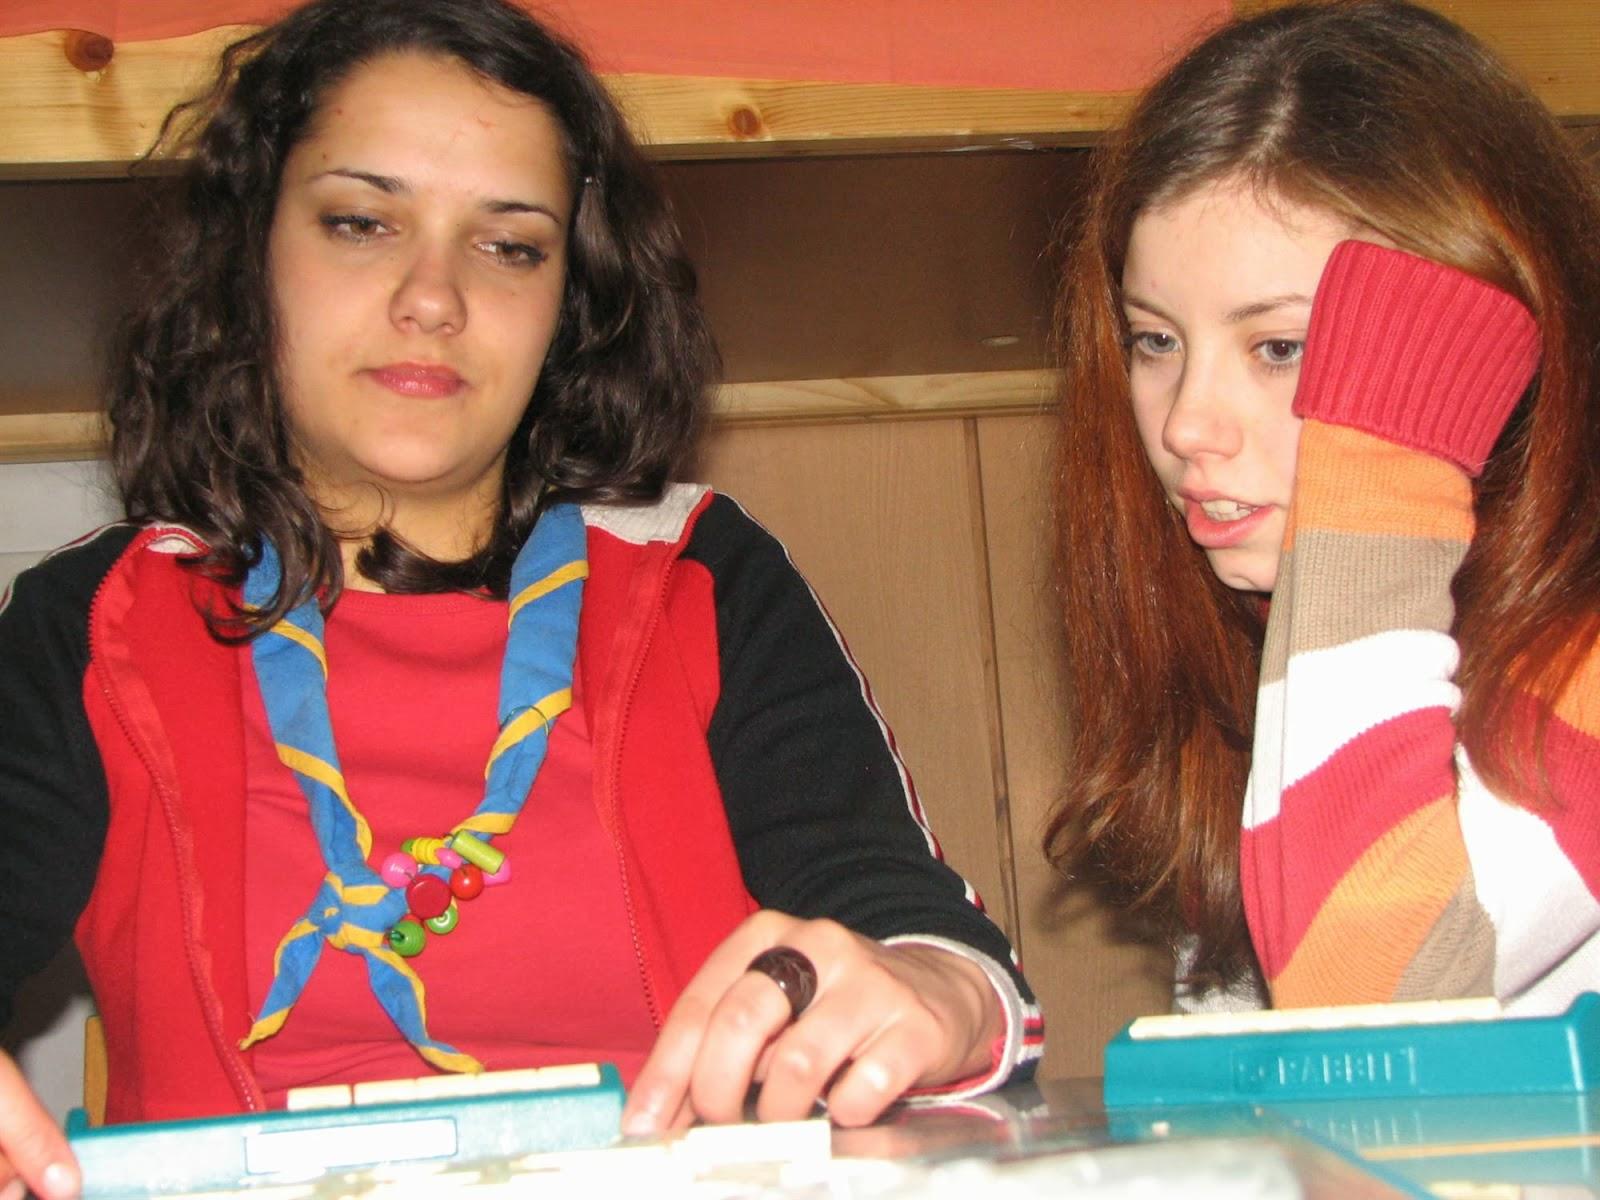 Motivacijski vikend, Lucija 2006 - motivacijski06%2B020.jpg